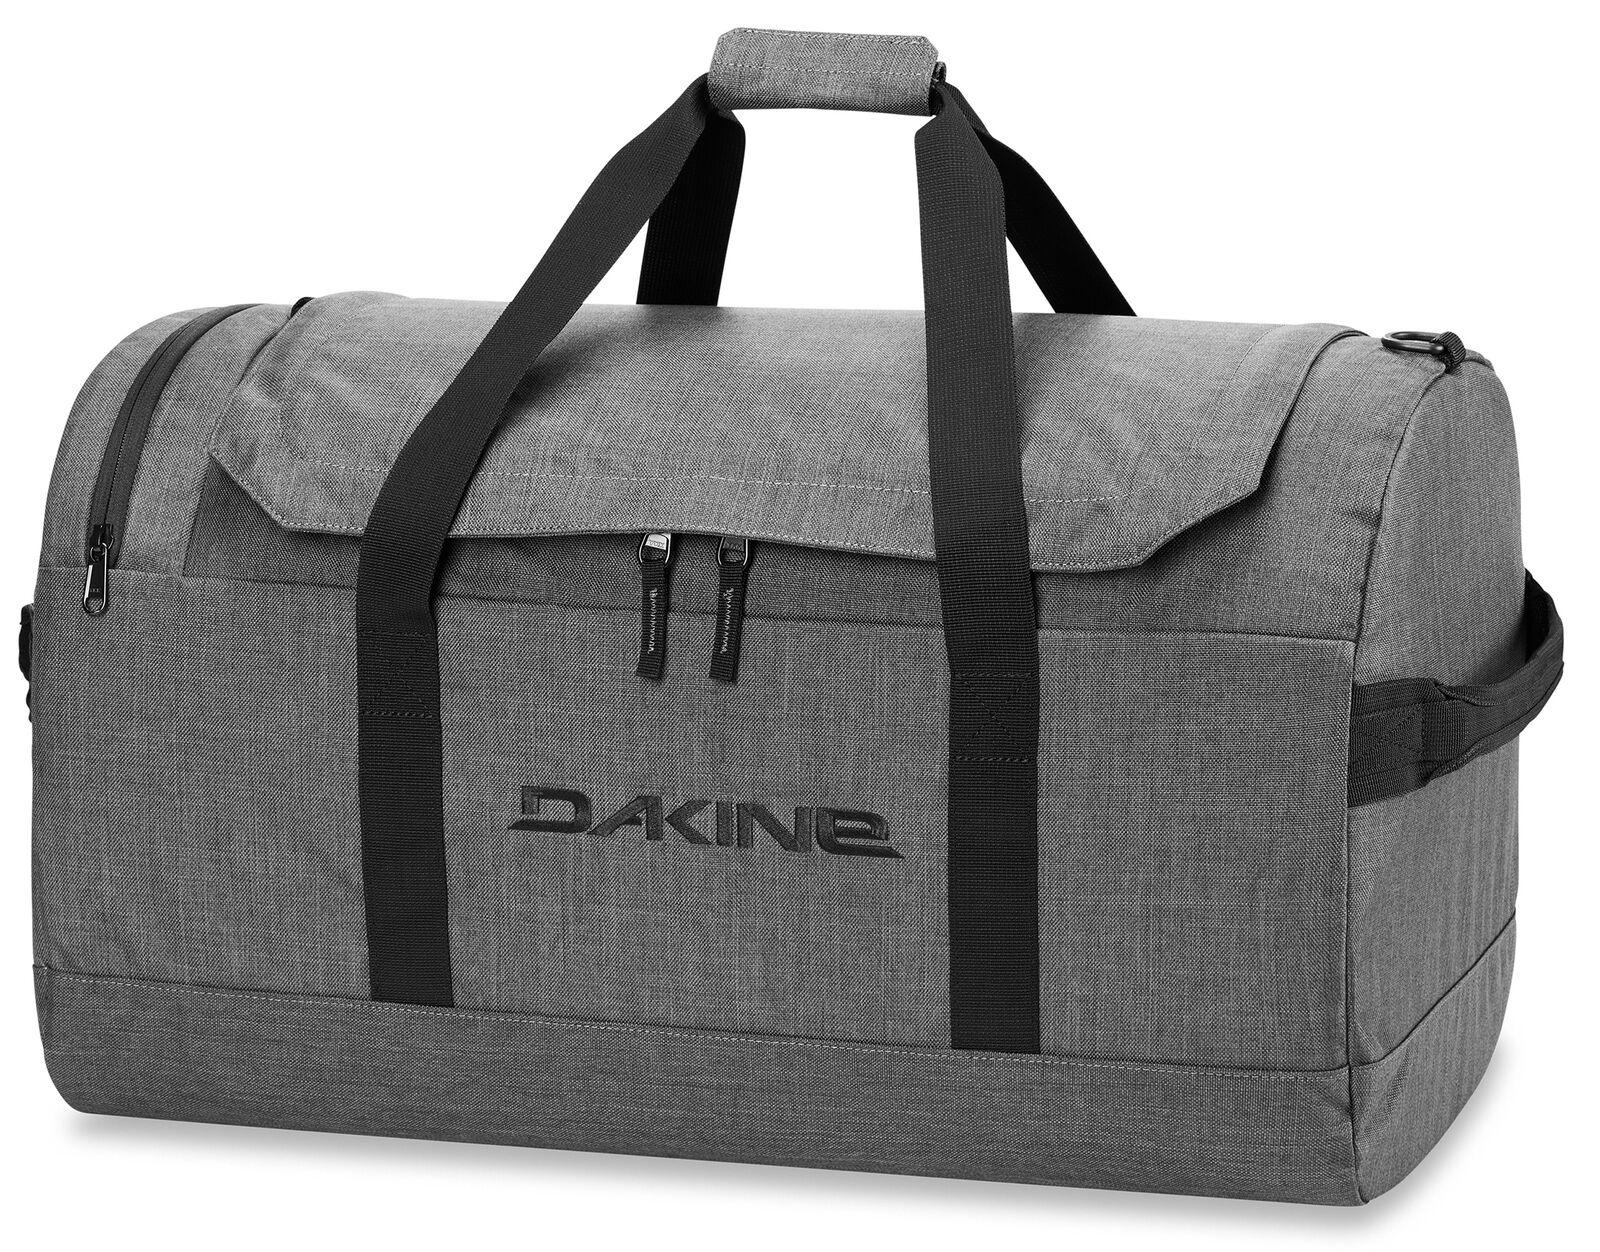 DaKine EQ 70L Bag - Carbon - New